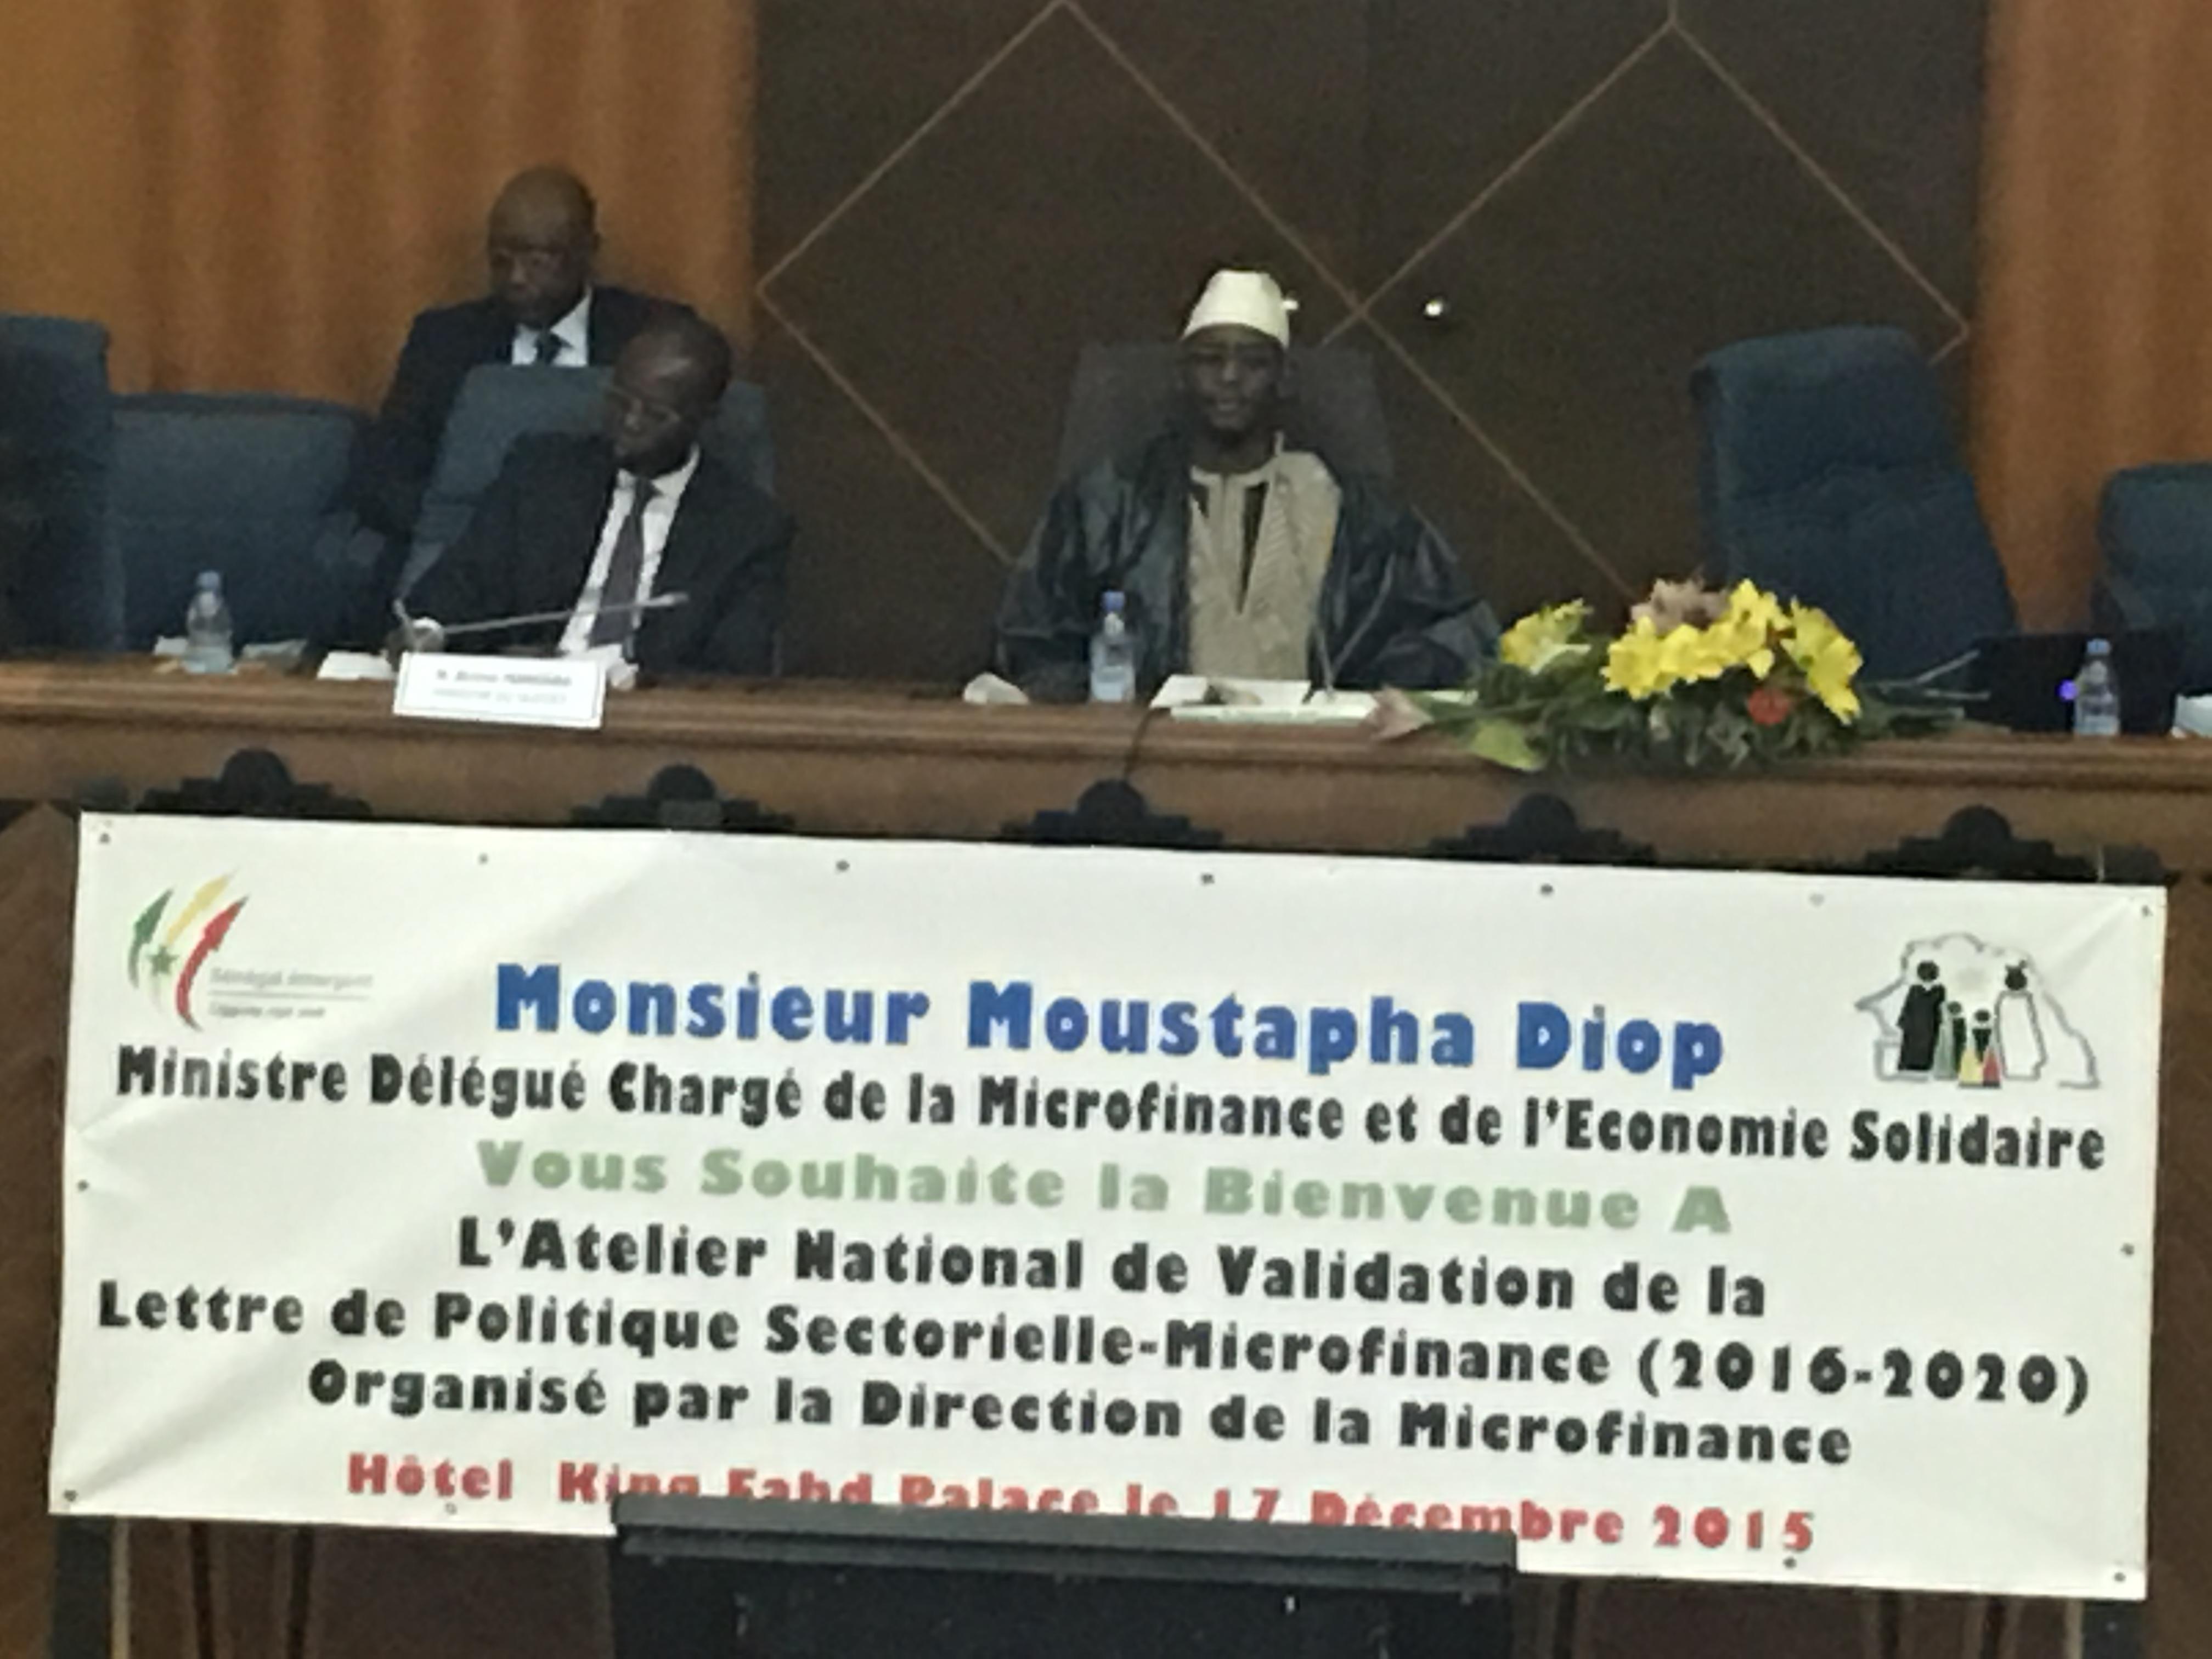 Validation de la Lettre de politique sectorielle de la micro-finance 2016-2020 : Le ministre Moustapha Diop œuvre pour la concrétisation de la vision du Président